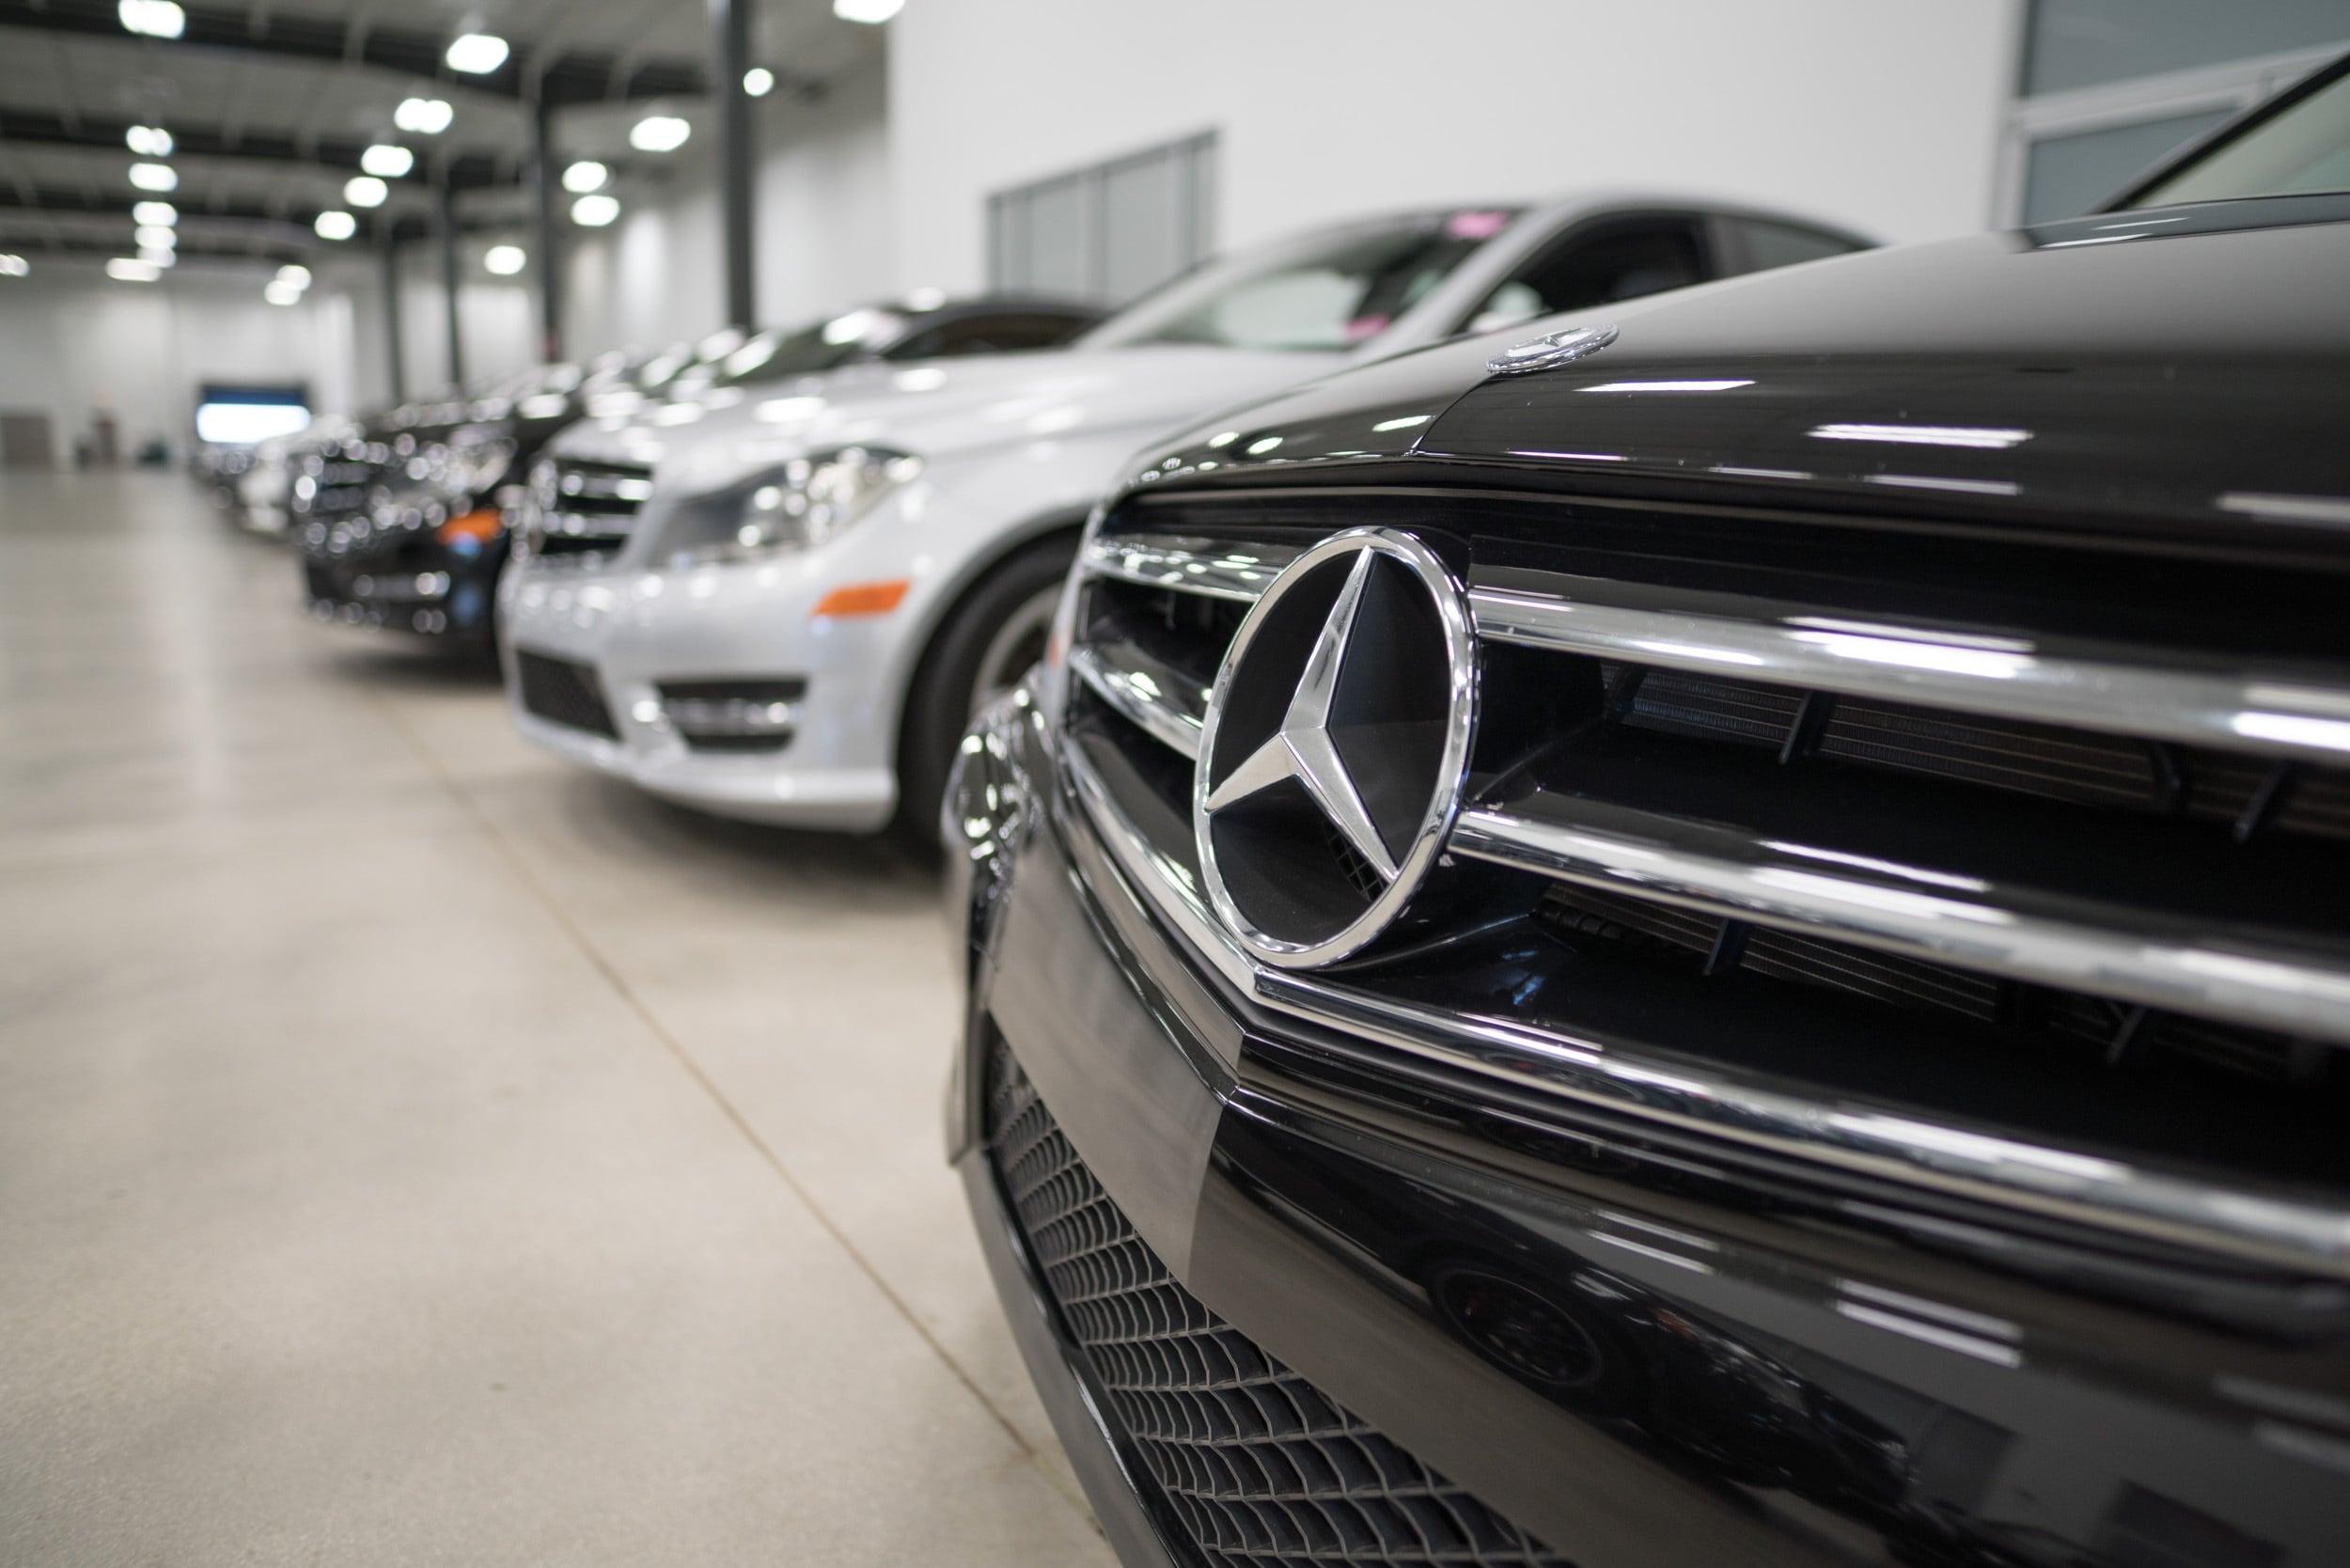 Mercedes benz dealer near me buena park ca house of imports for Mercedes benz dealer in bakersfield ca